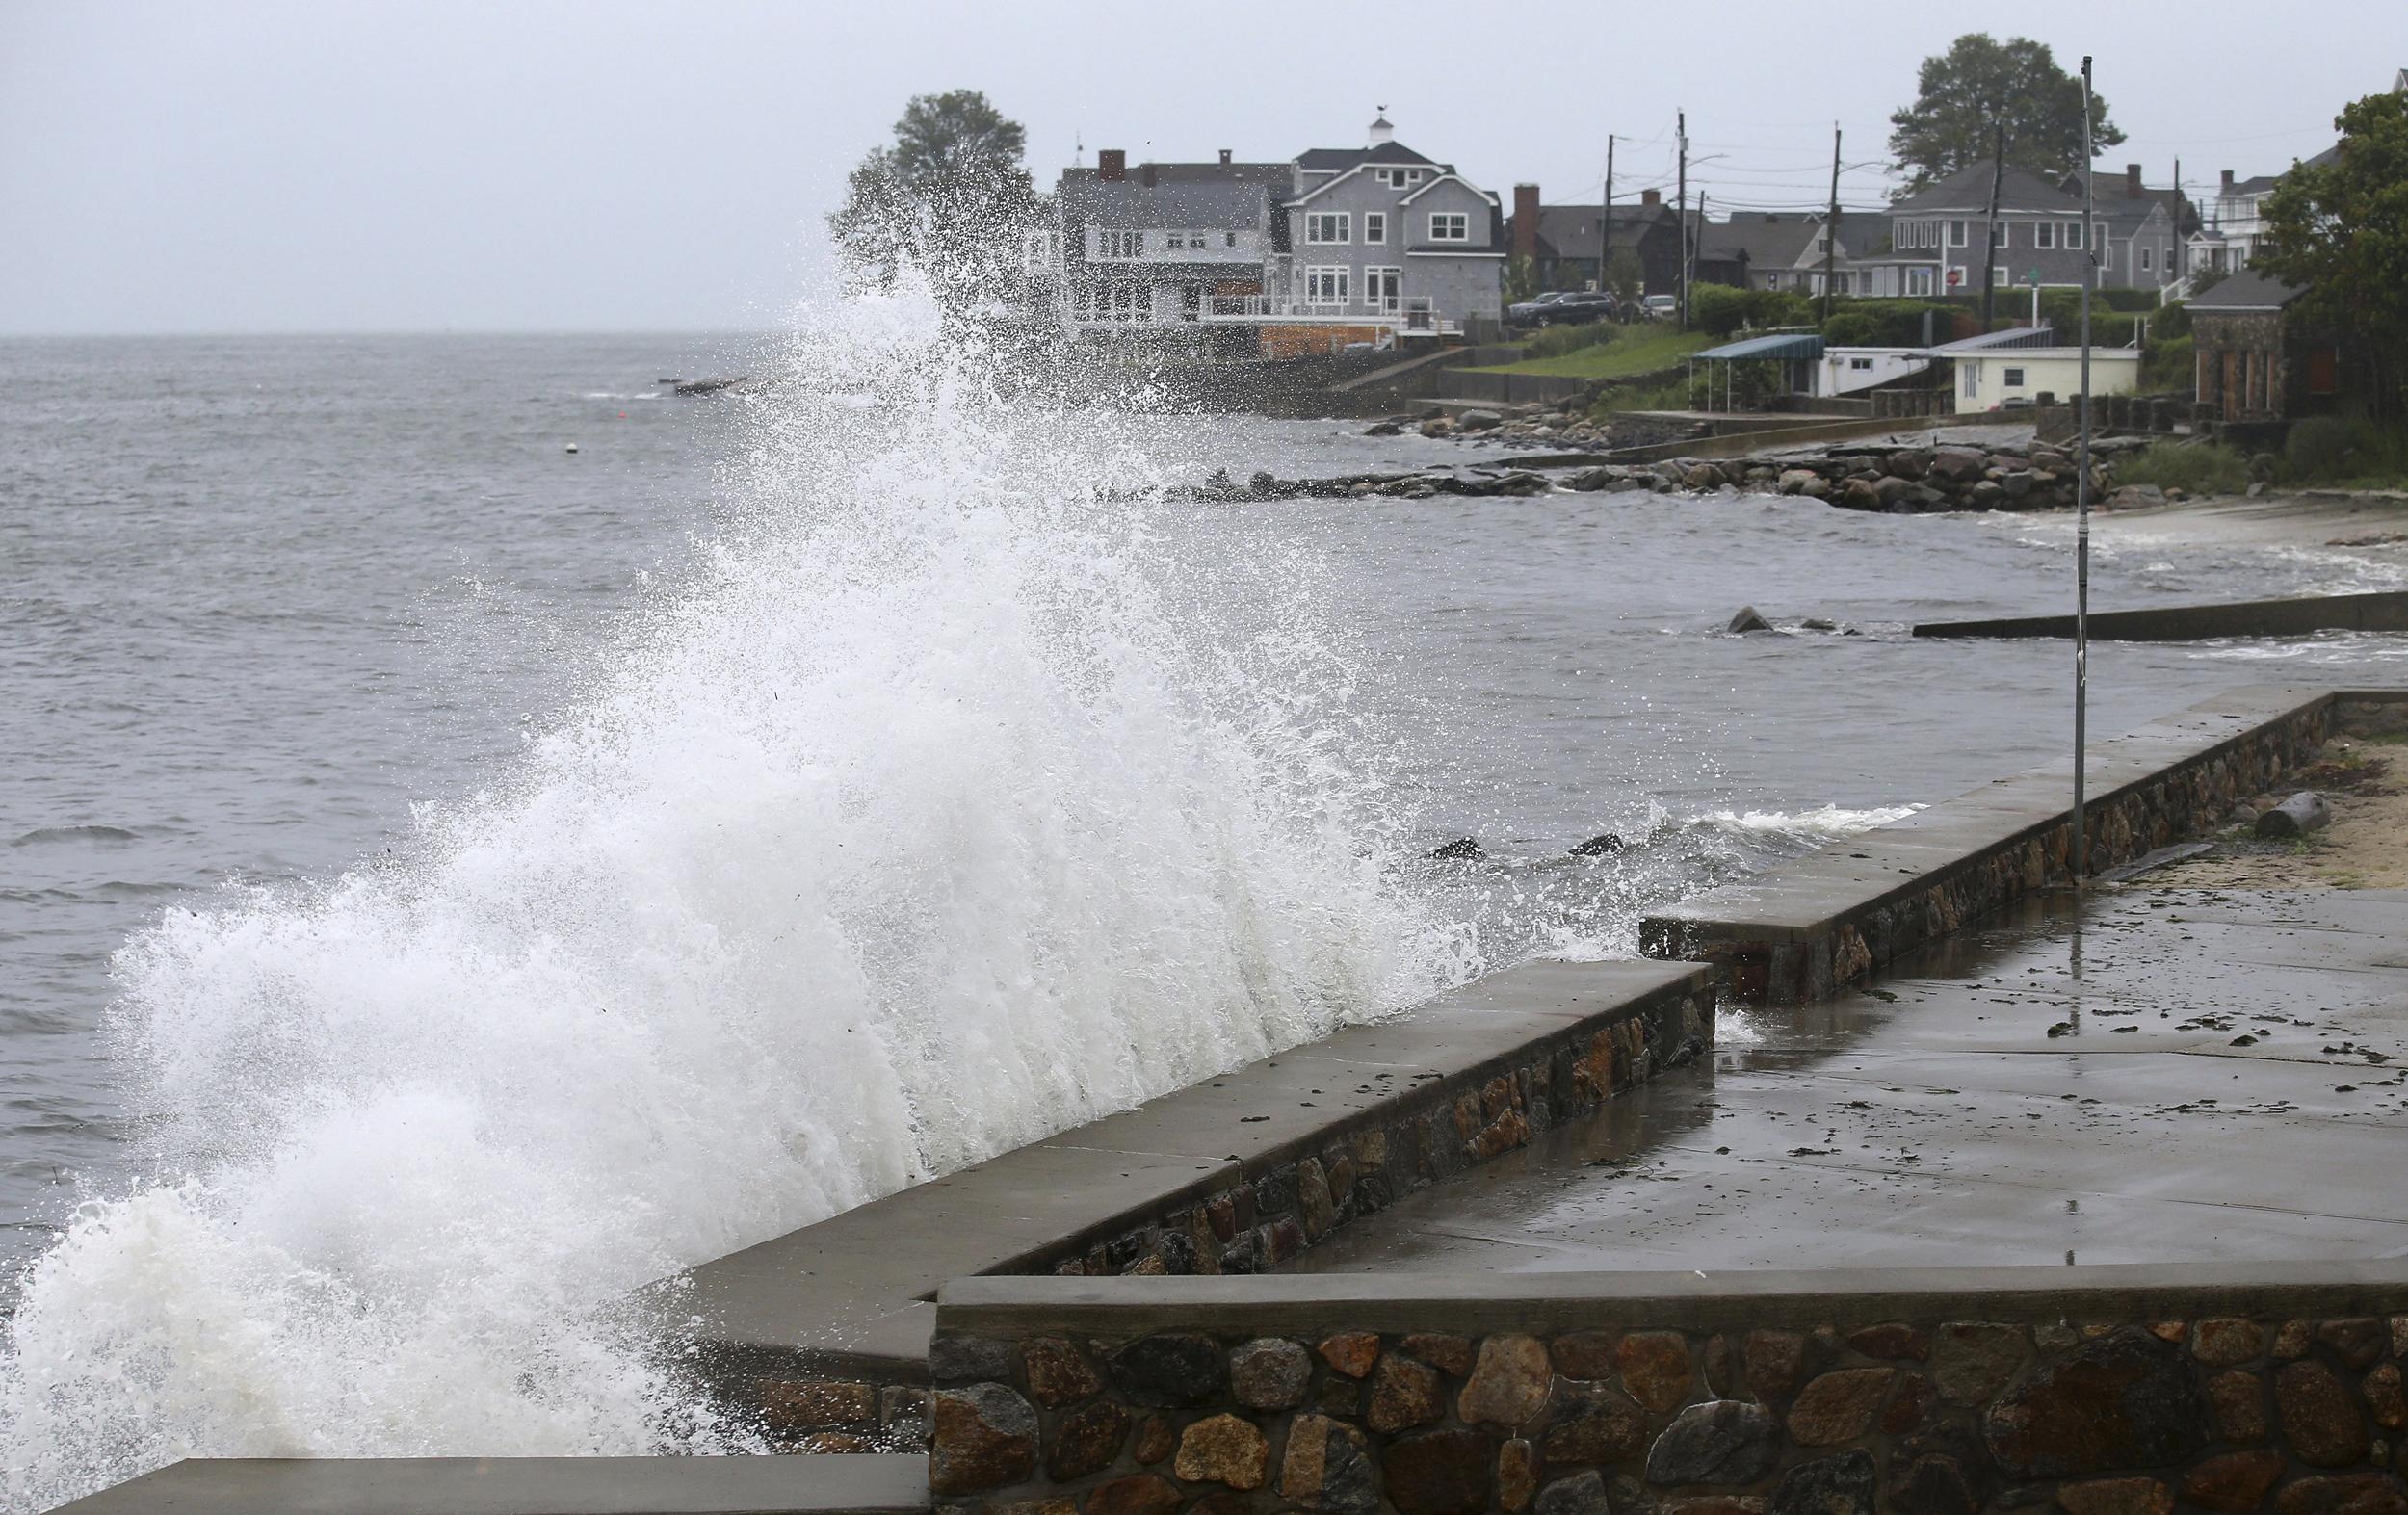 Tropical Storm Henri downgraded ahead of landfall but still presents danger, officials say